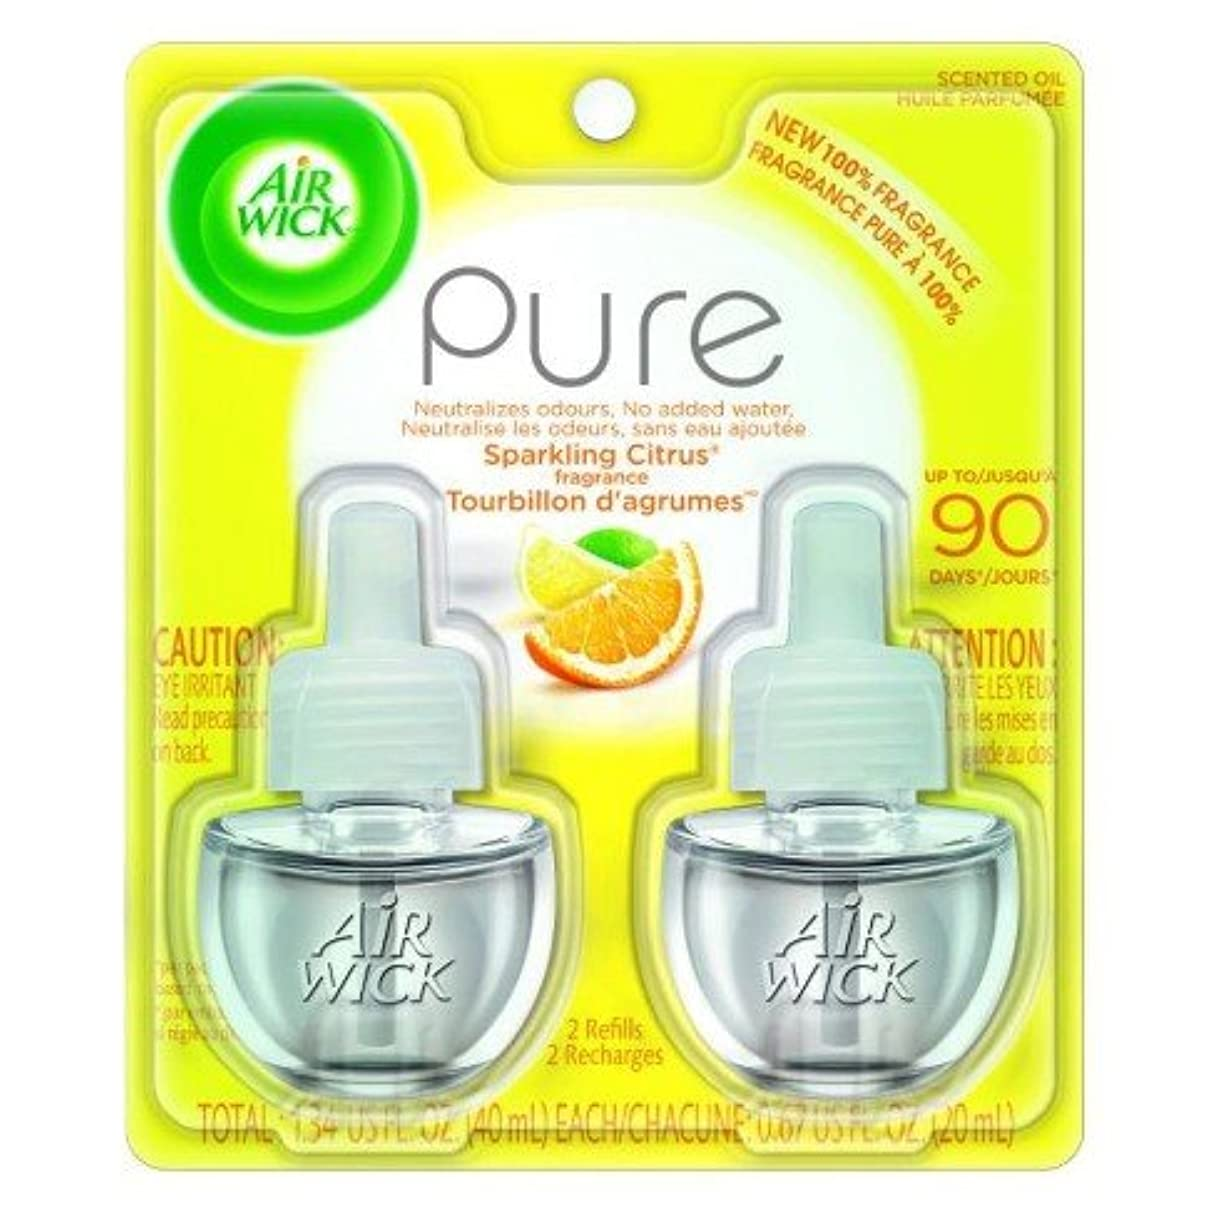 超えてマイル会社【Air Wick/エアーウィック】 プラグインオイル詰替えリフィル(2個入り) スパークリングシトラス Air Wick Scented Oil Twin Refill Pure - Sparkling Citrus (2X.67) Oz. [並行輸入品]